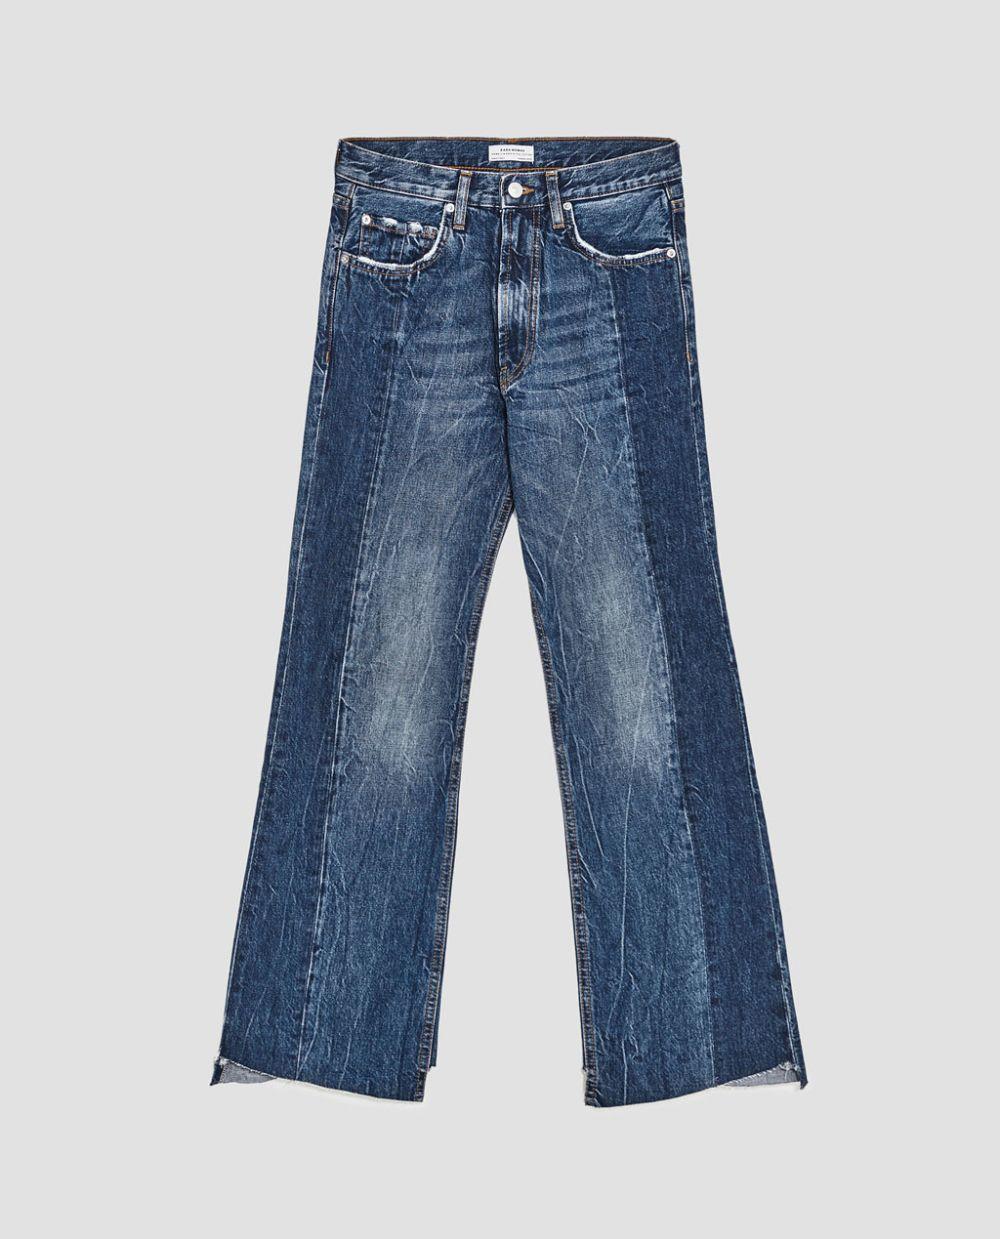 Jeans acampanados de Zara (39,95 euros)